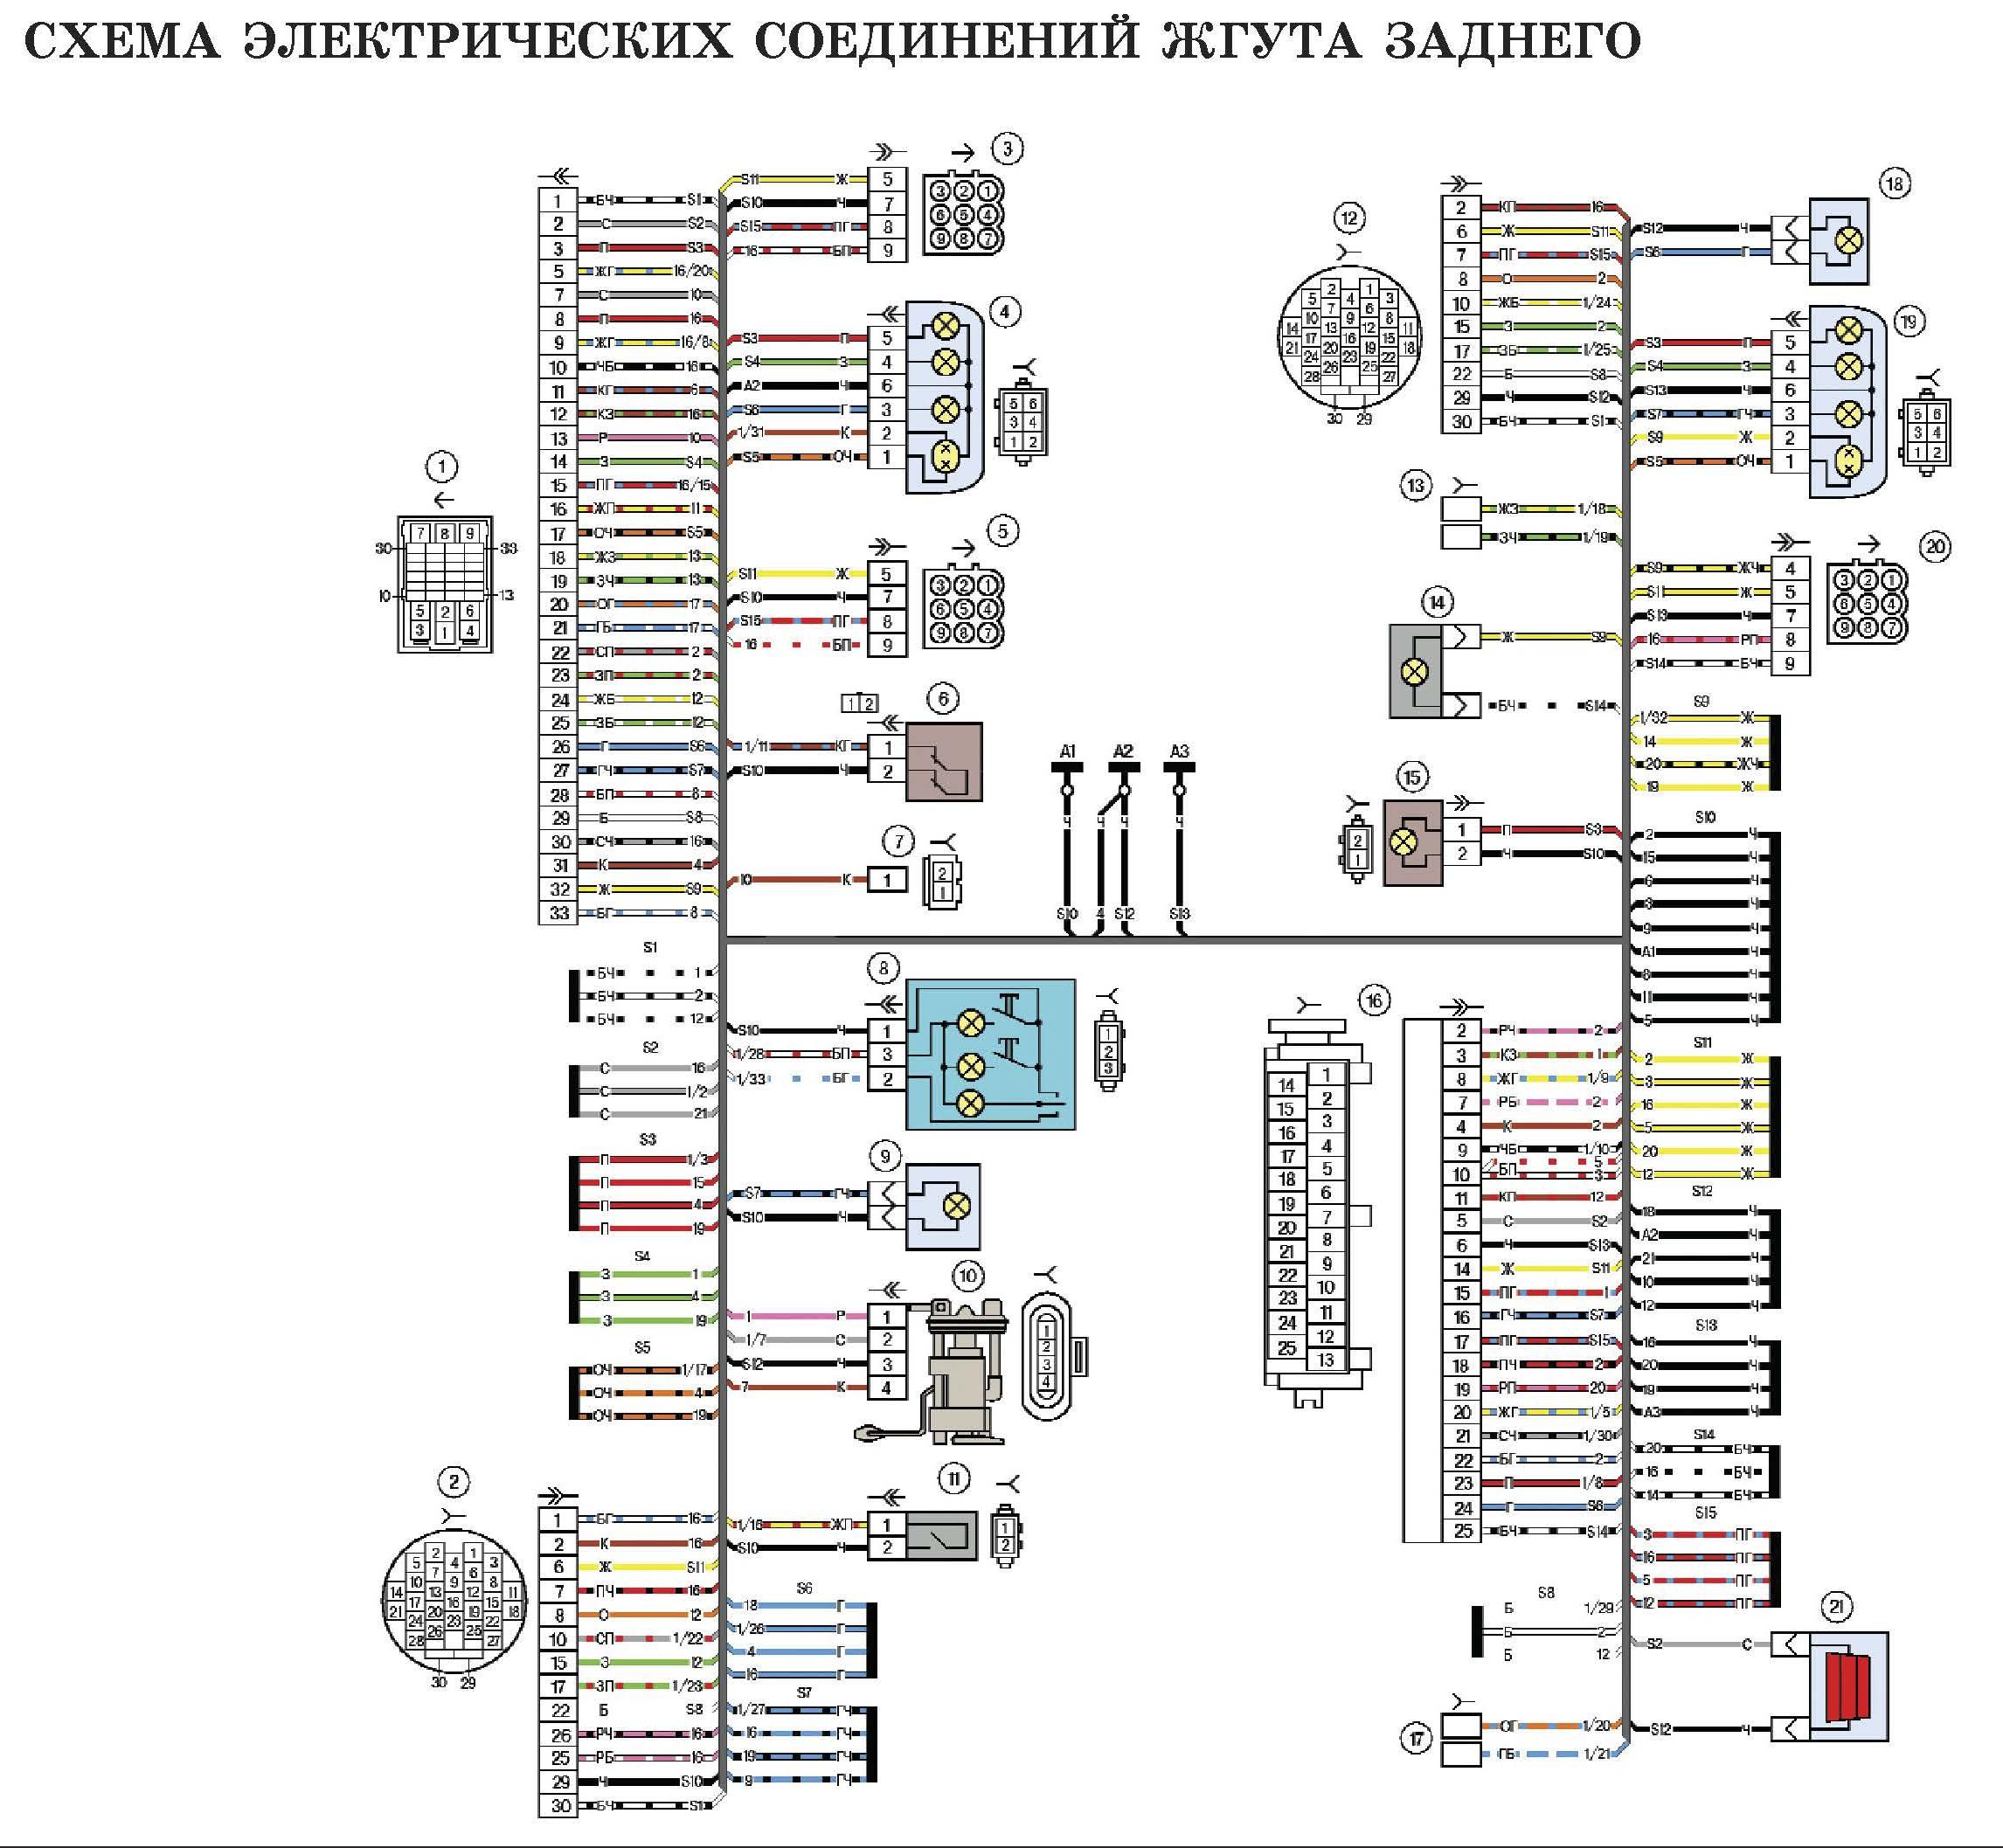 обозначение символов схема электрической цепи